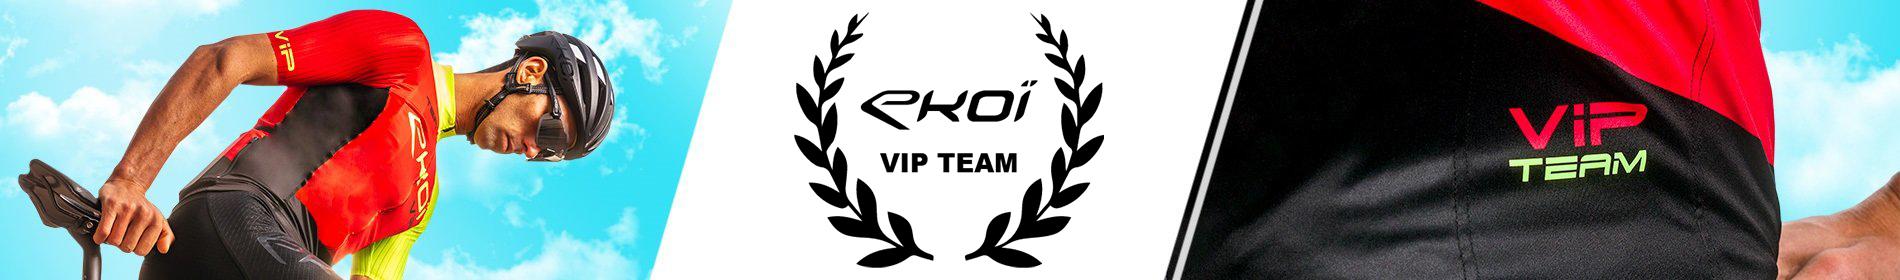 Klub VIP Ekoï